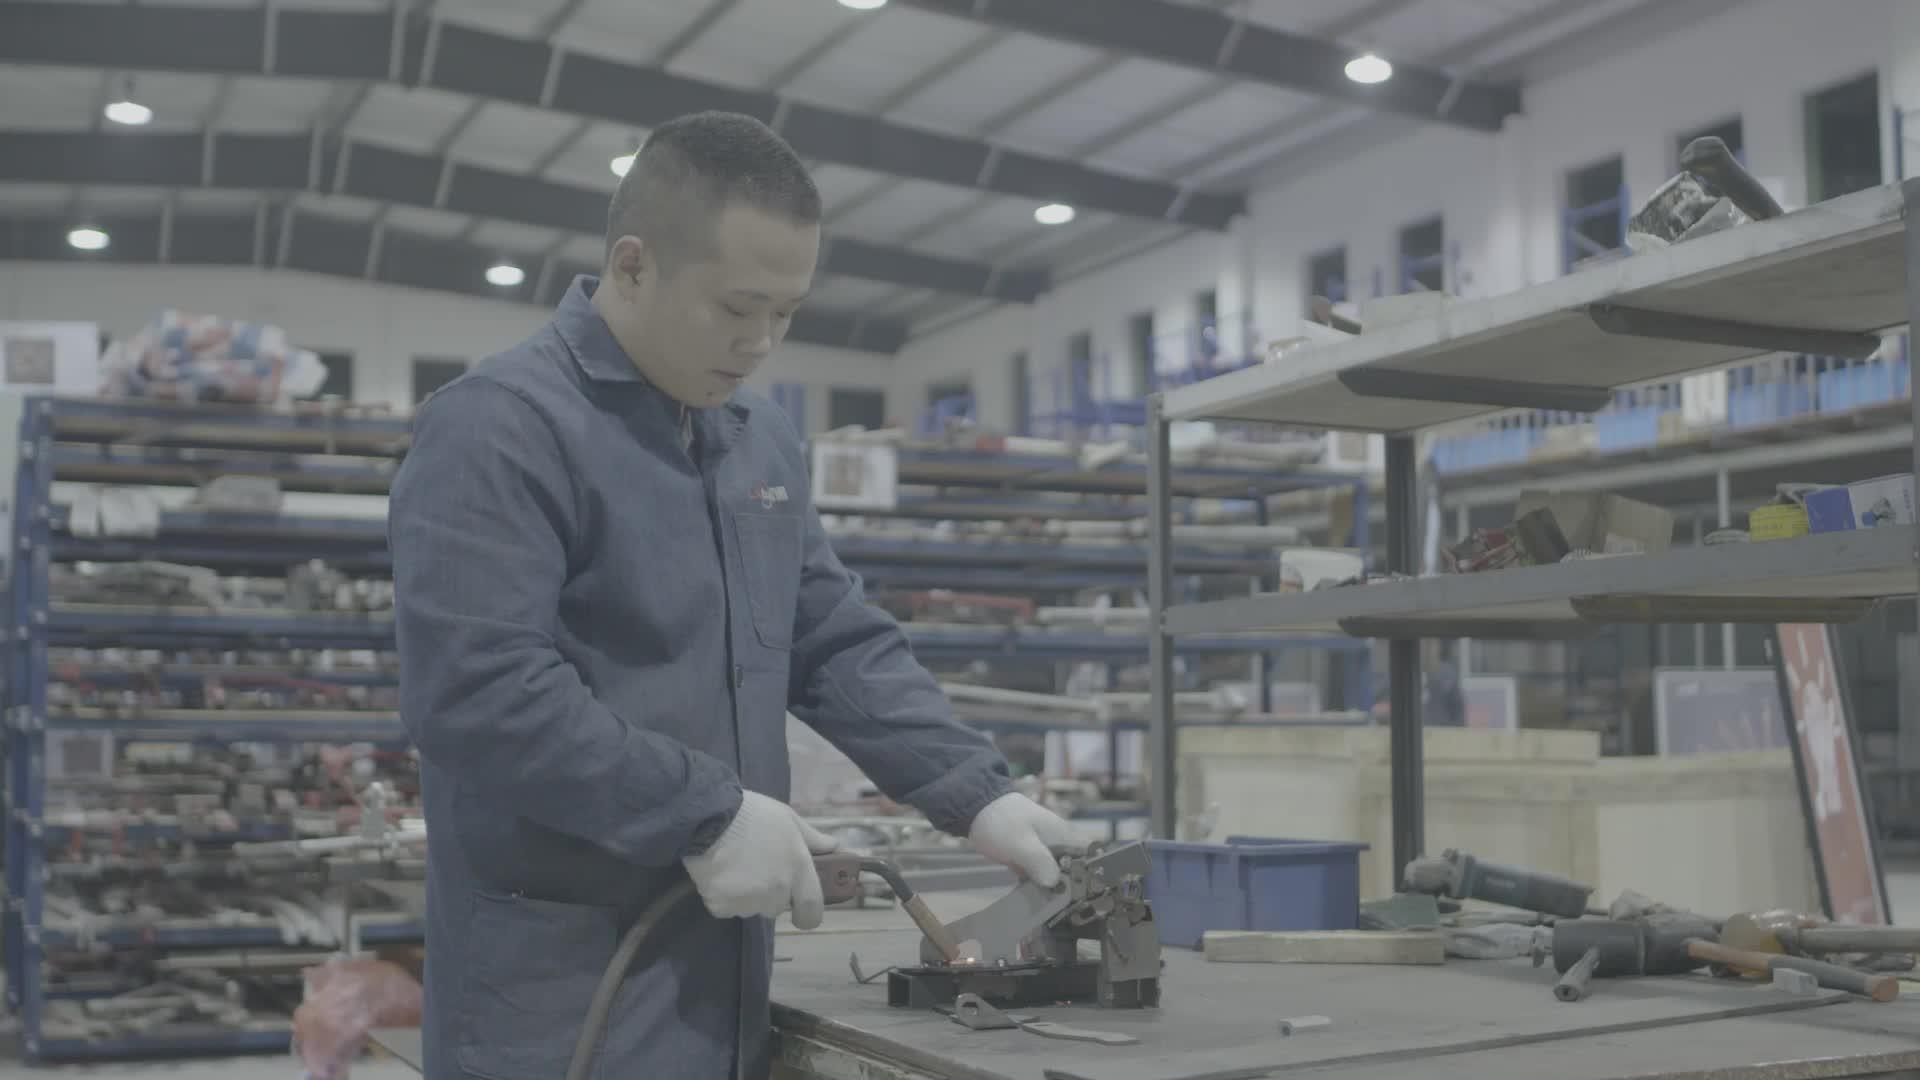 Vorne Komplette Sway Stabilisator Buchsen Montage Fit für Lexus Japanischen Auto